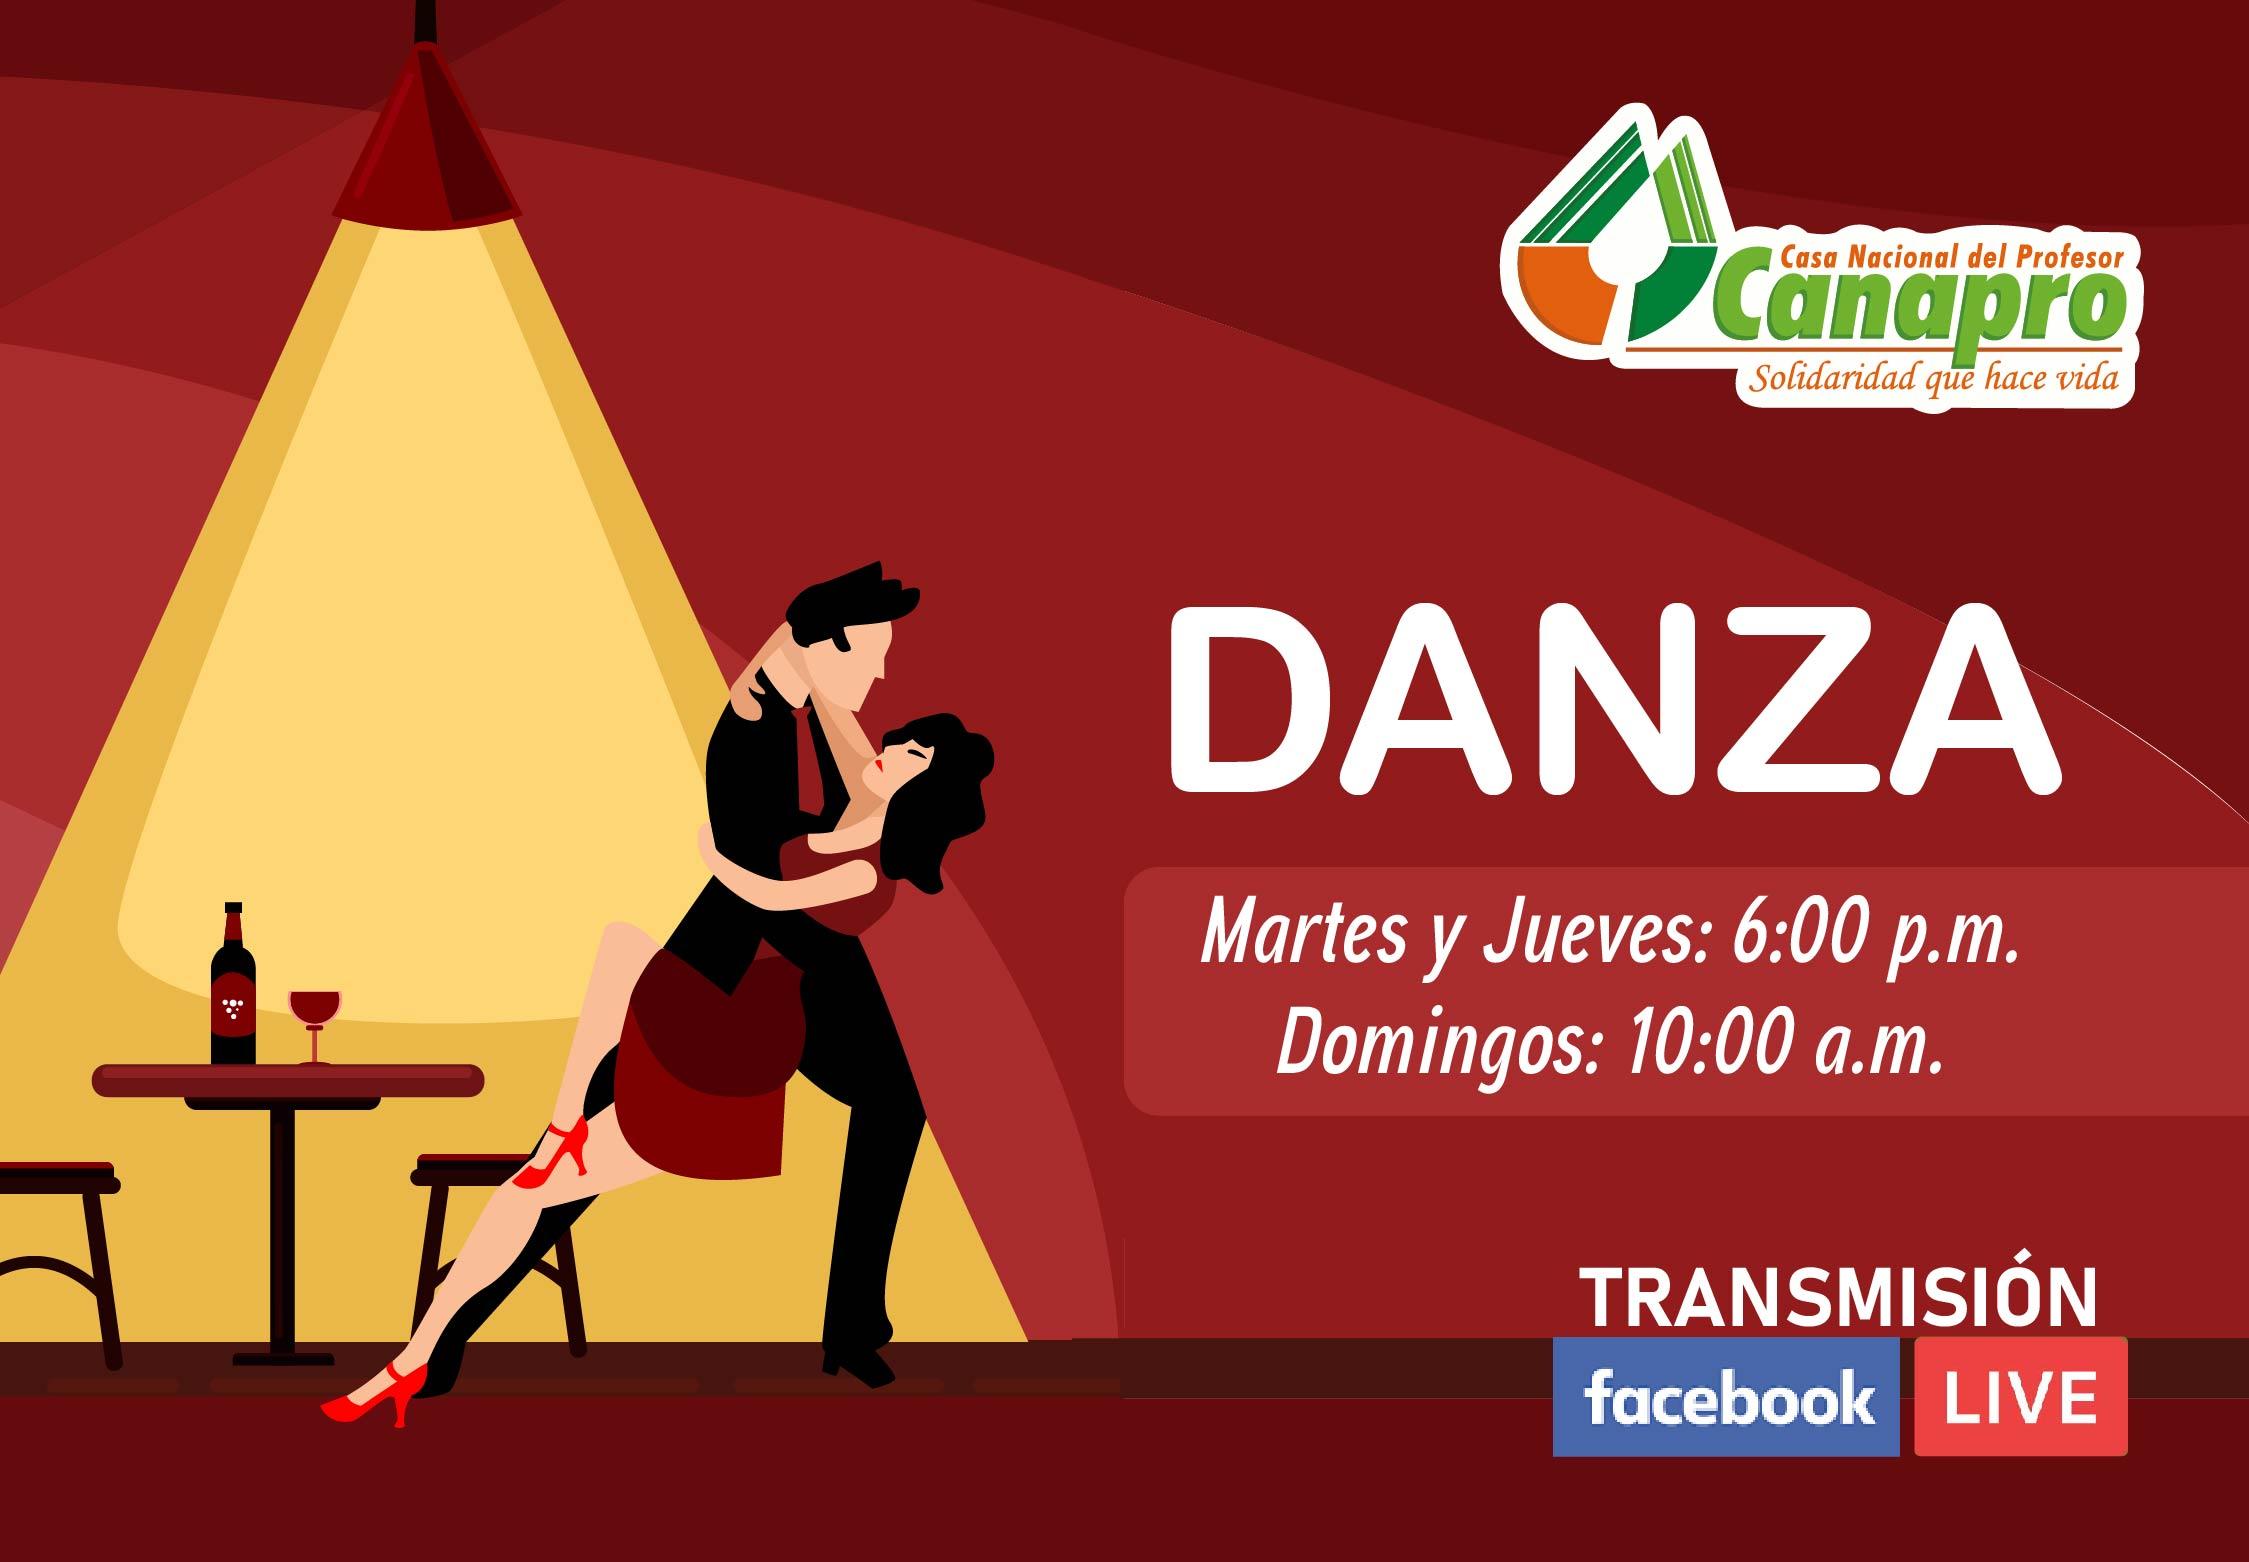 Danza-02